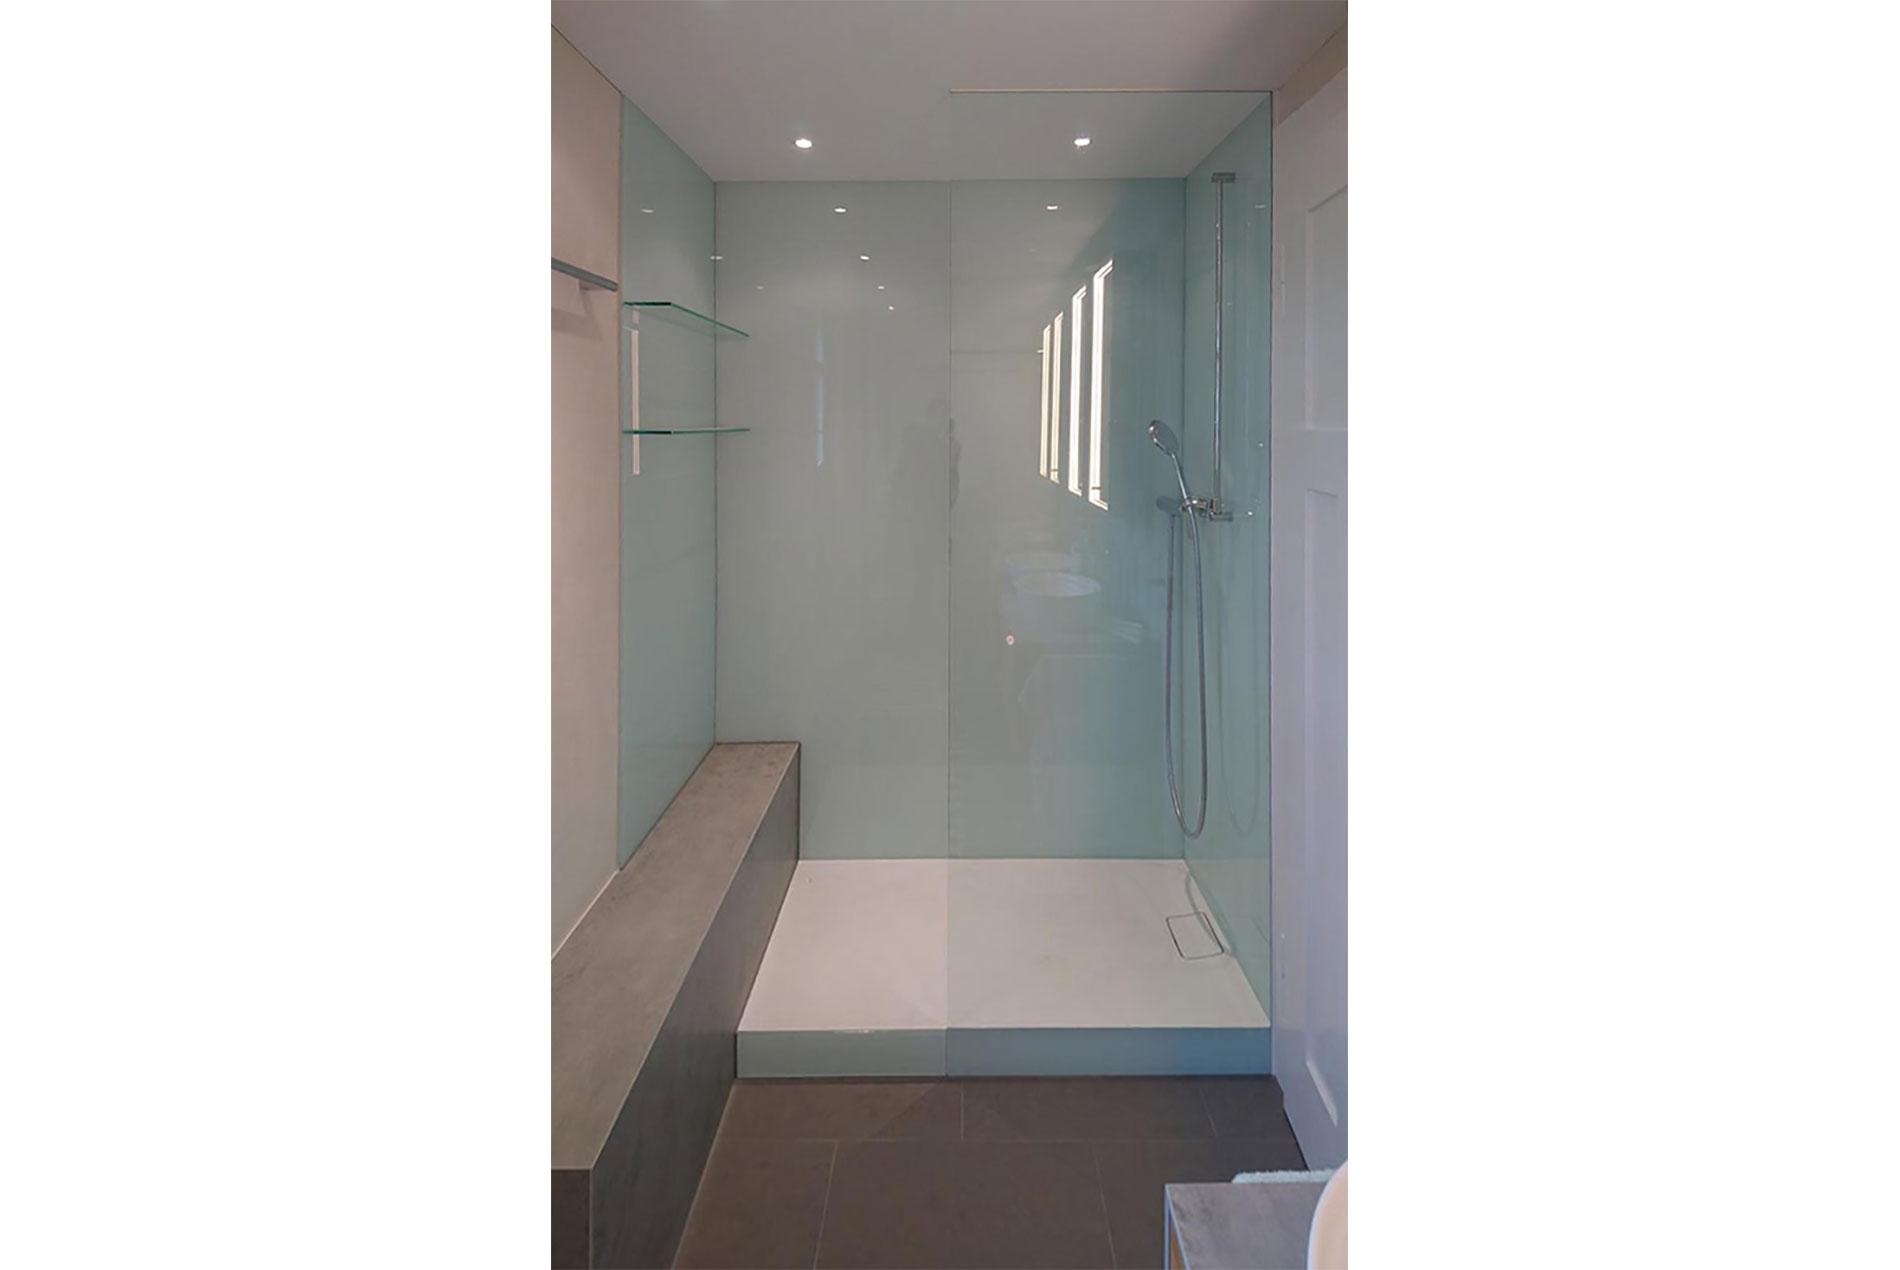 Sanierte Dusche (Umbau Siebertz)